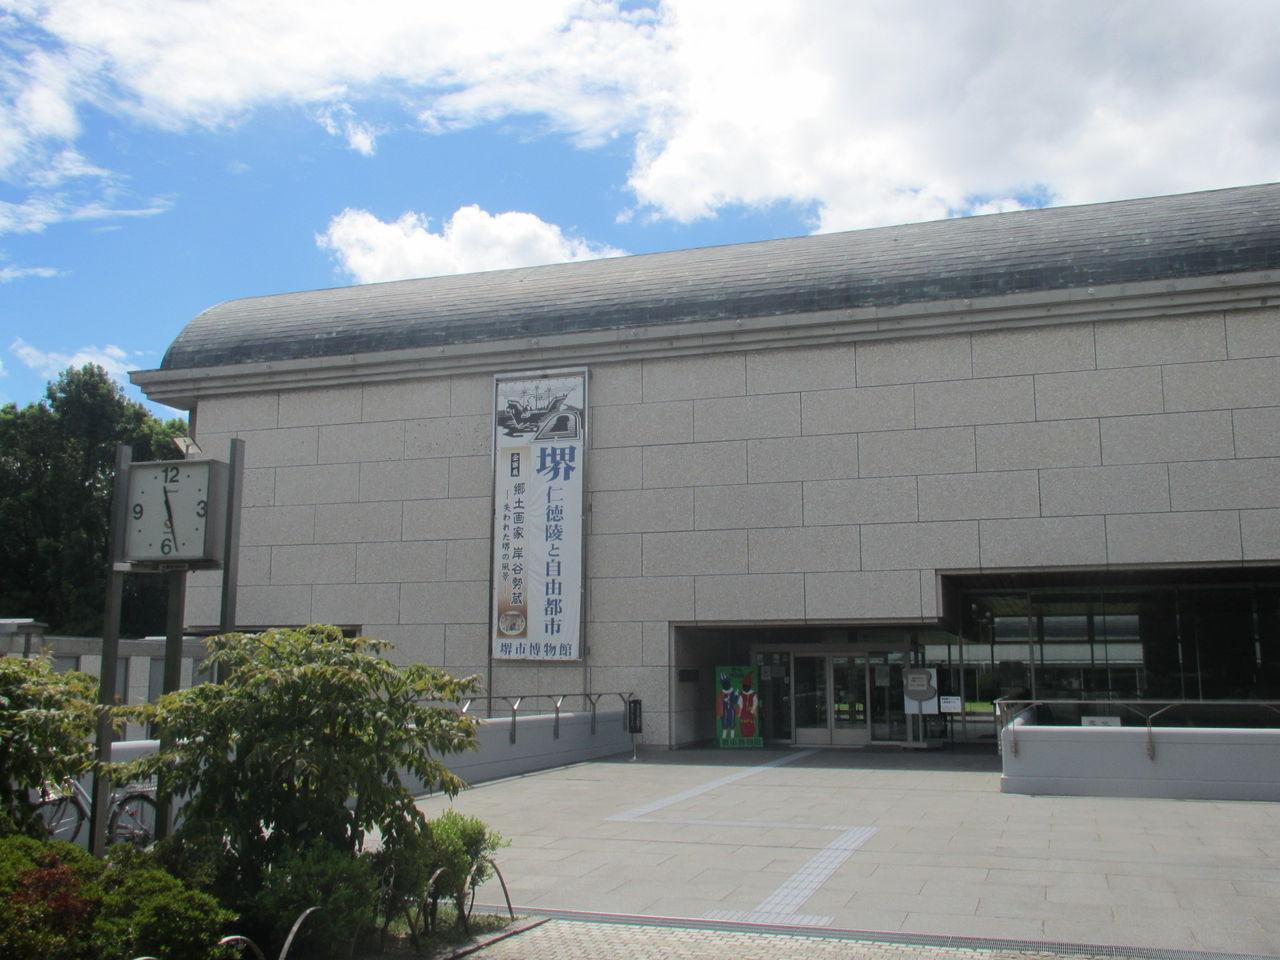 堺市立博物館 に対する画像結果